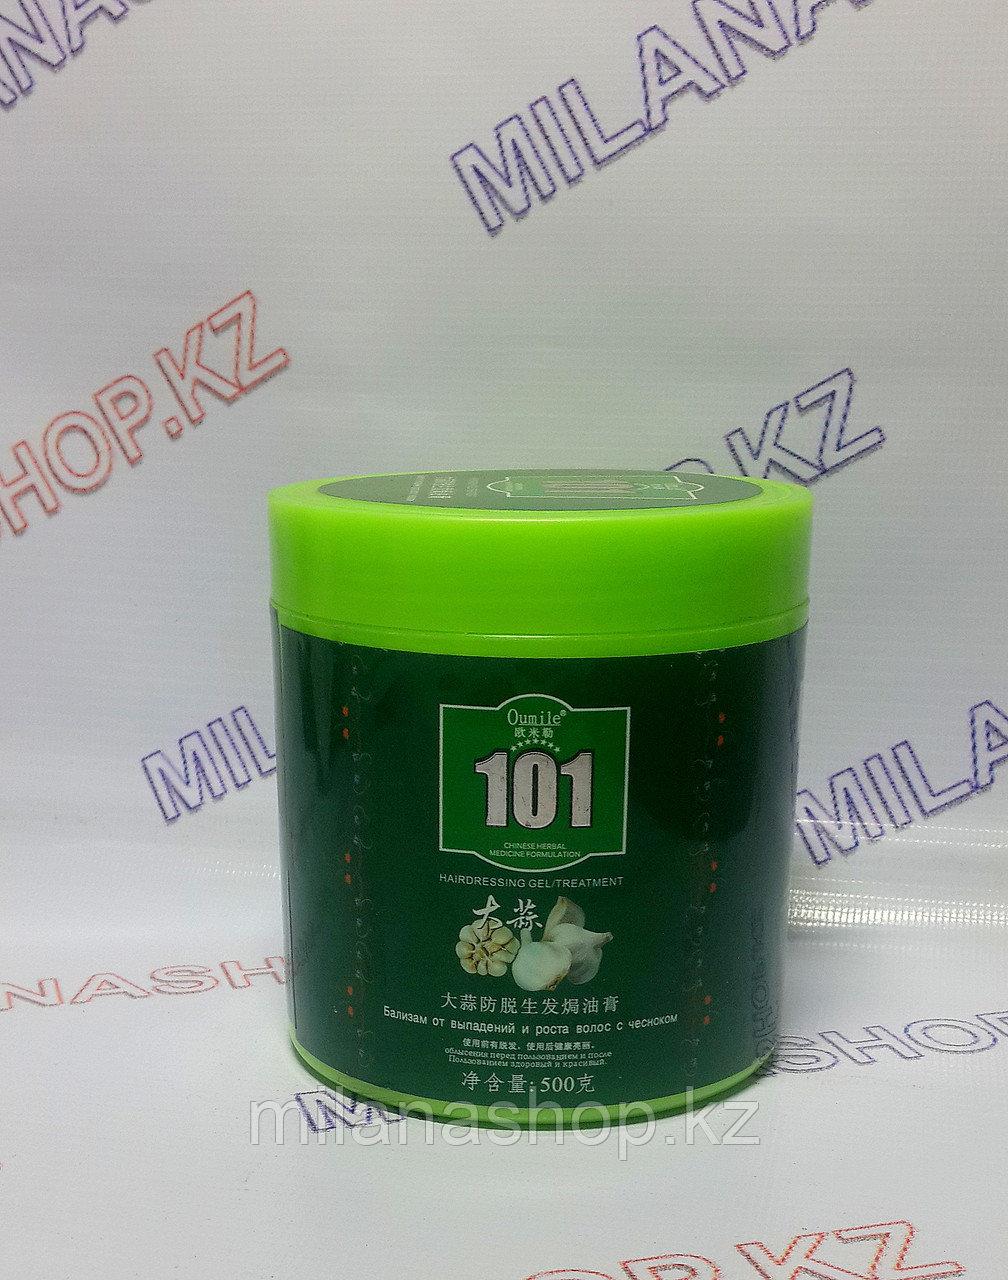 101 Oumile - Бальзам от выпадения для роста волос с чесноком